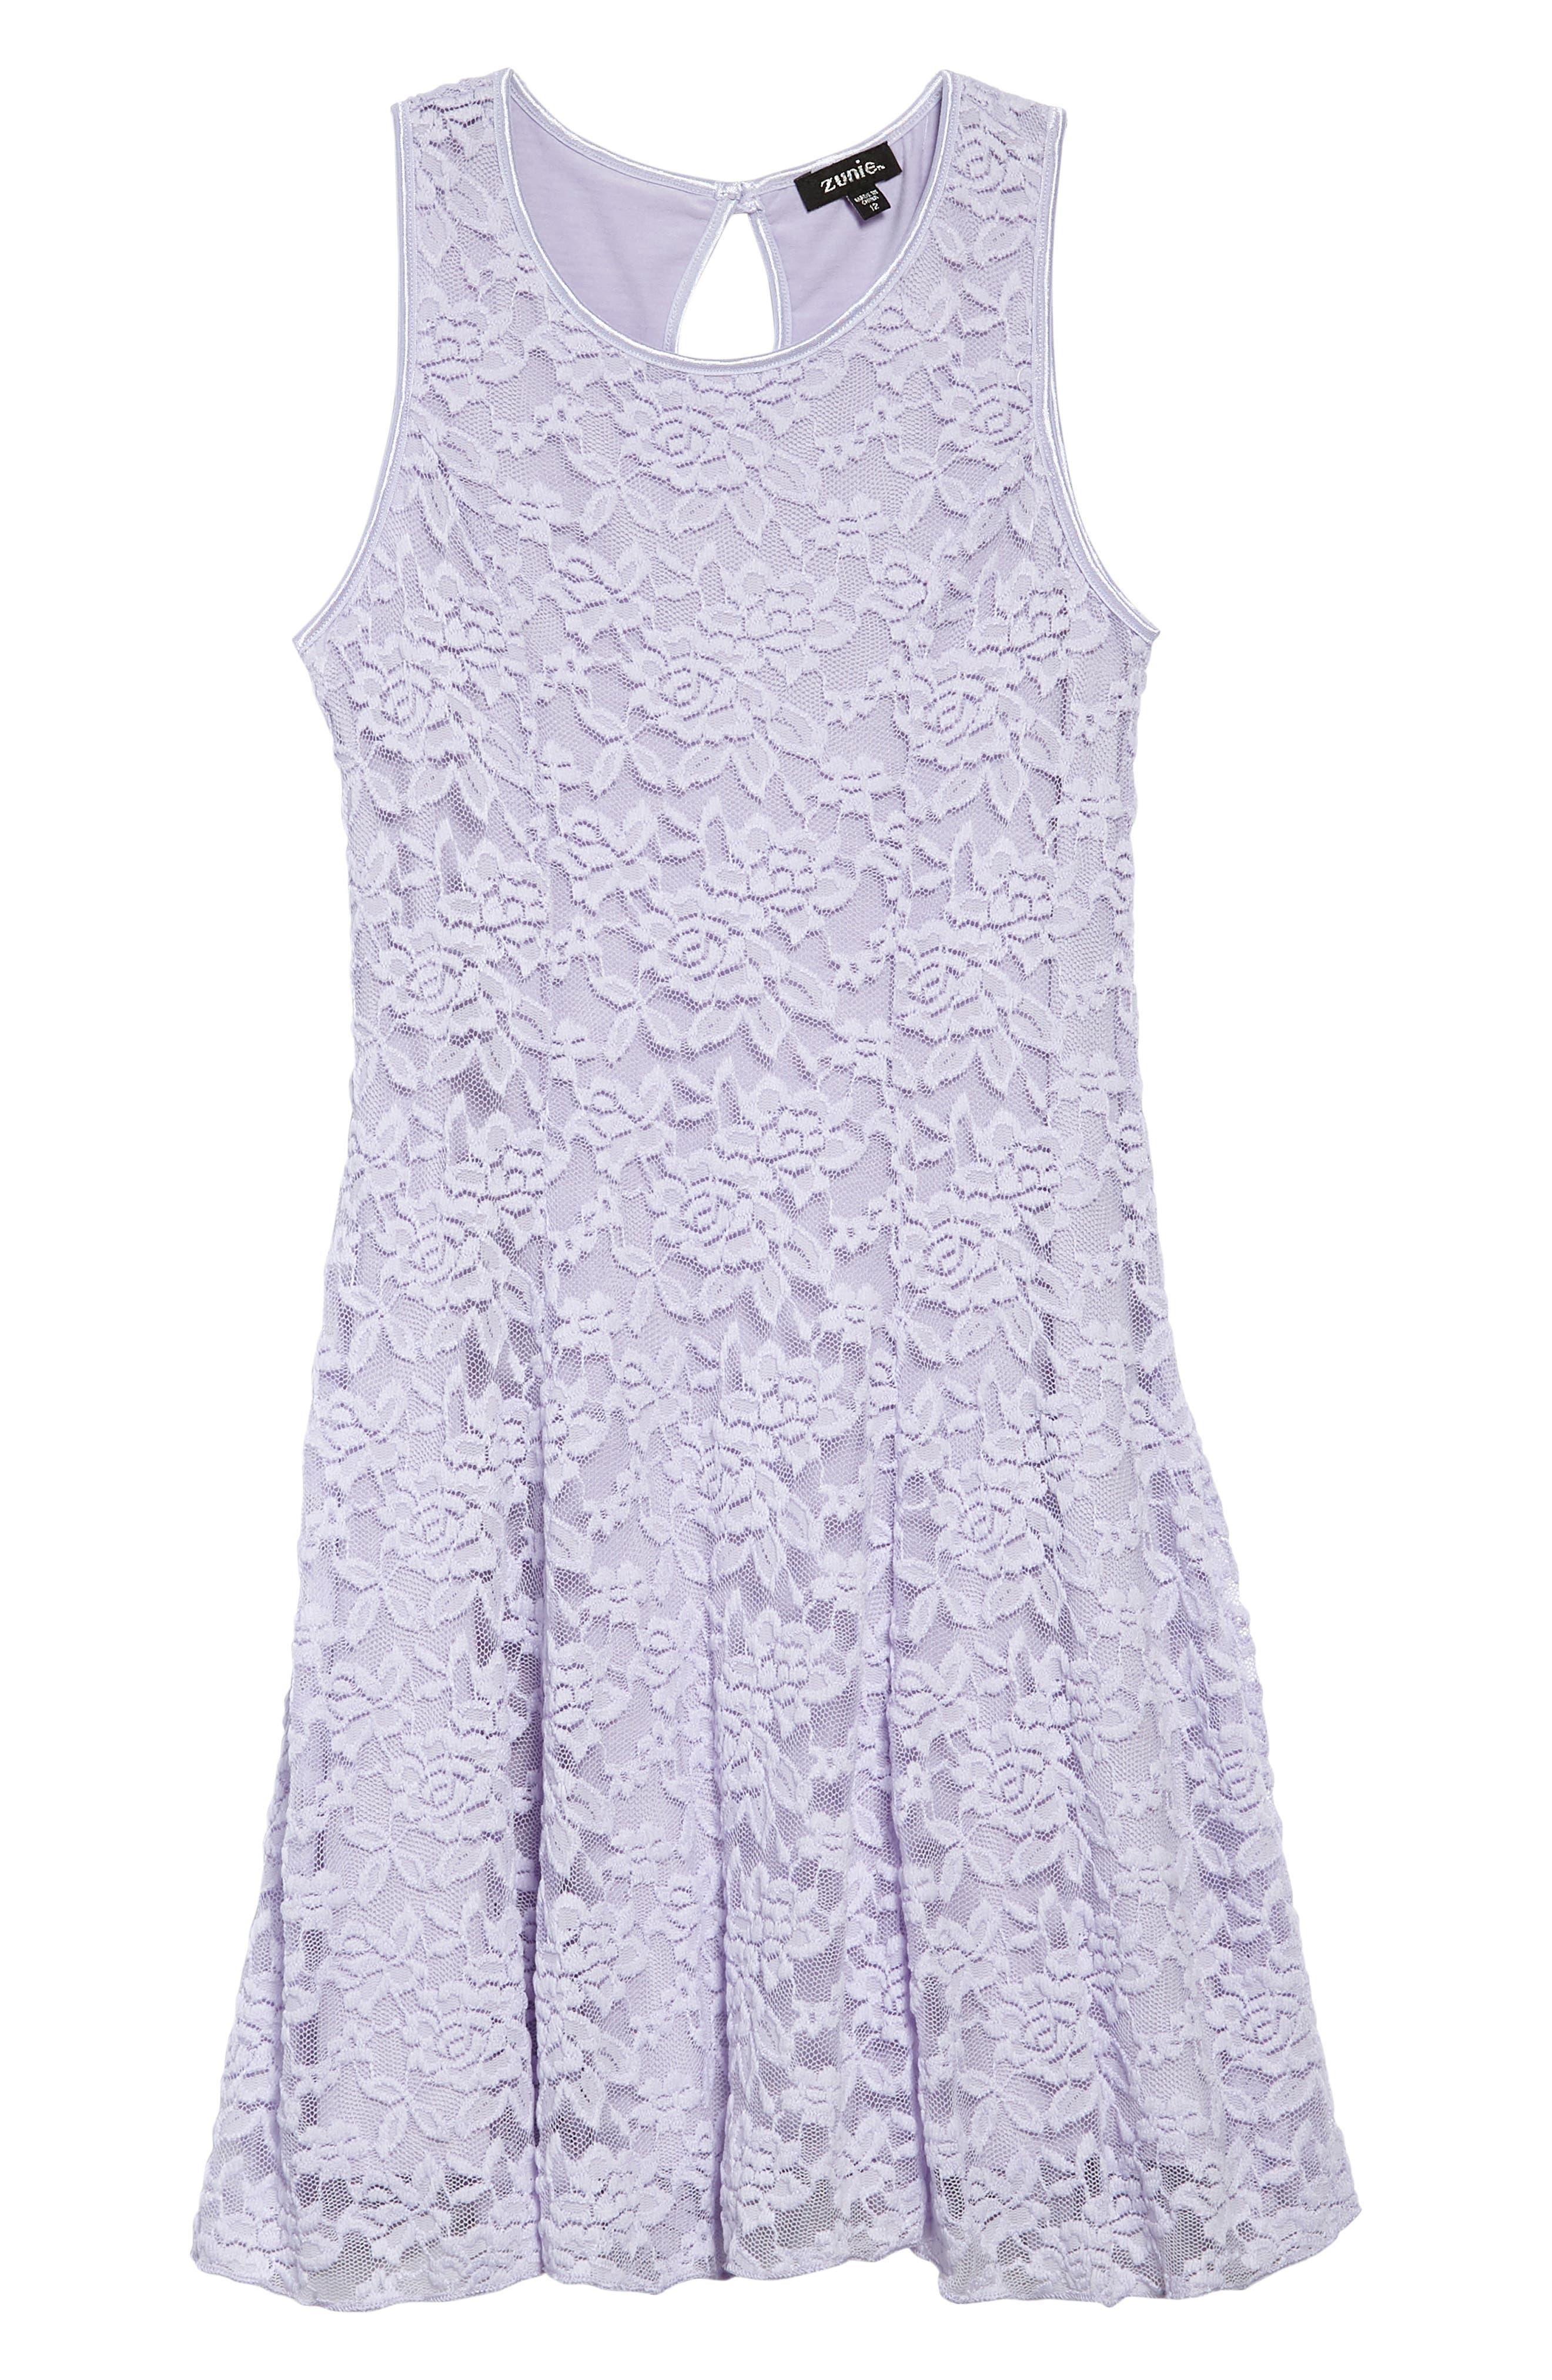 Pale violet dress color